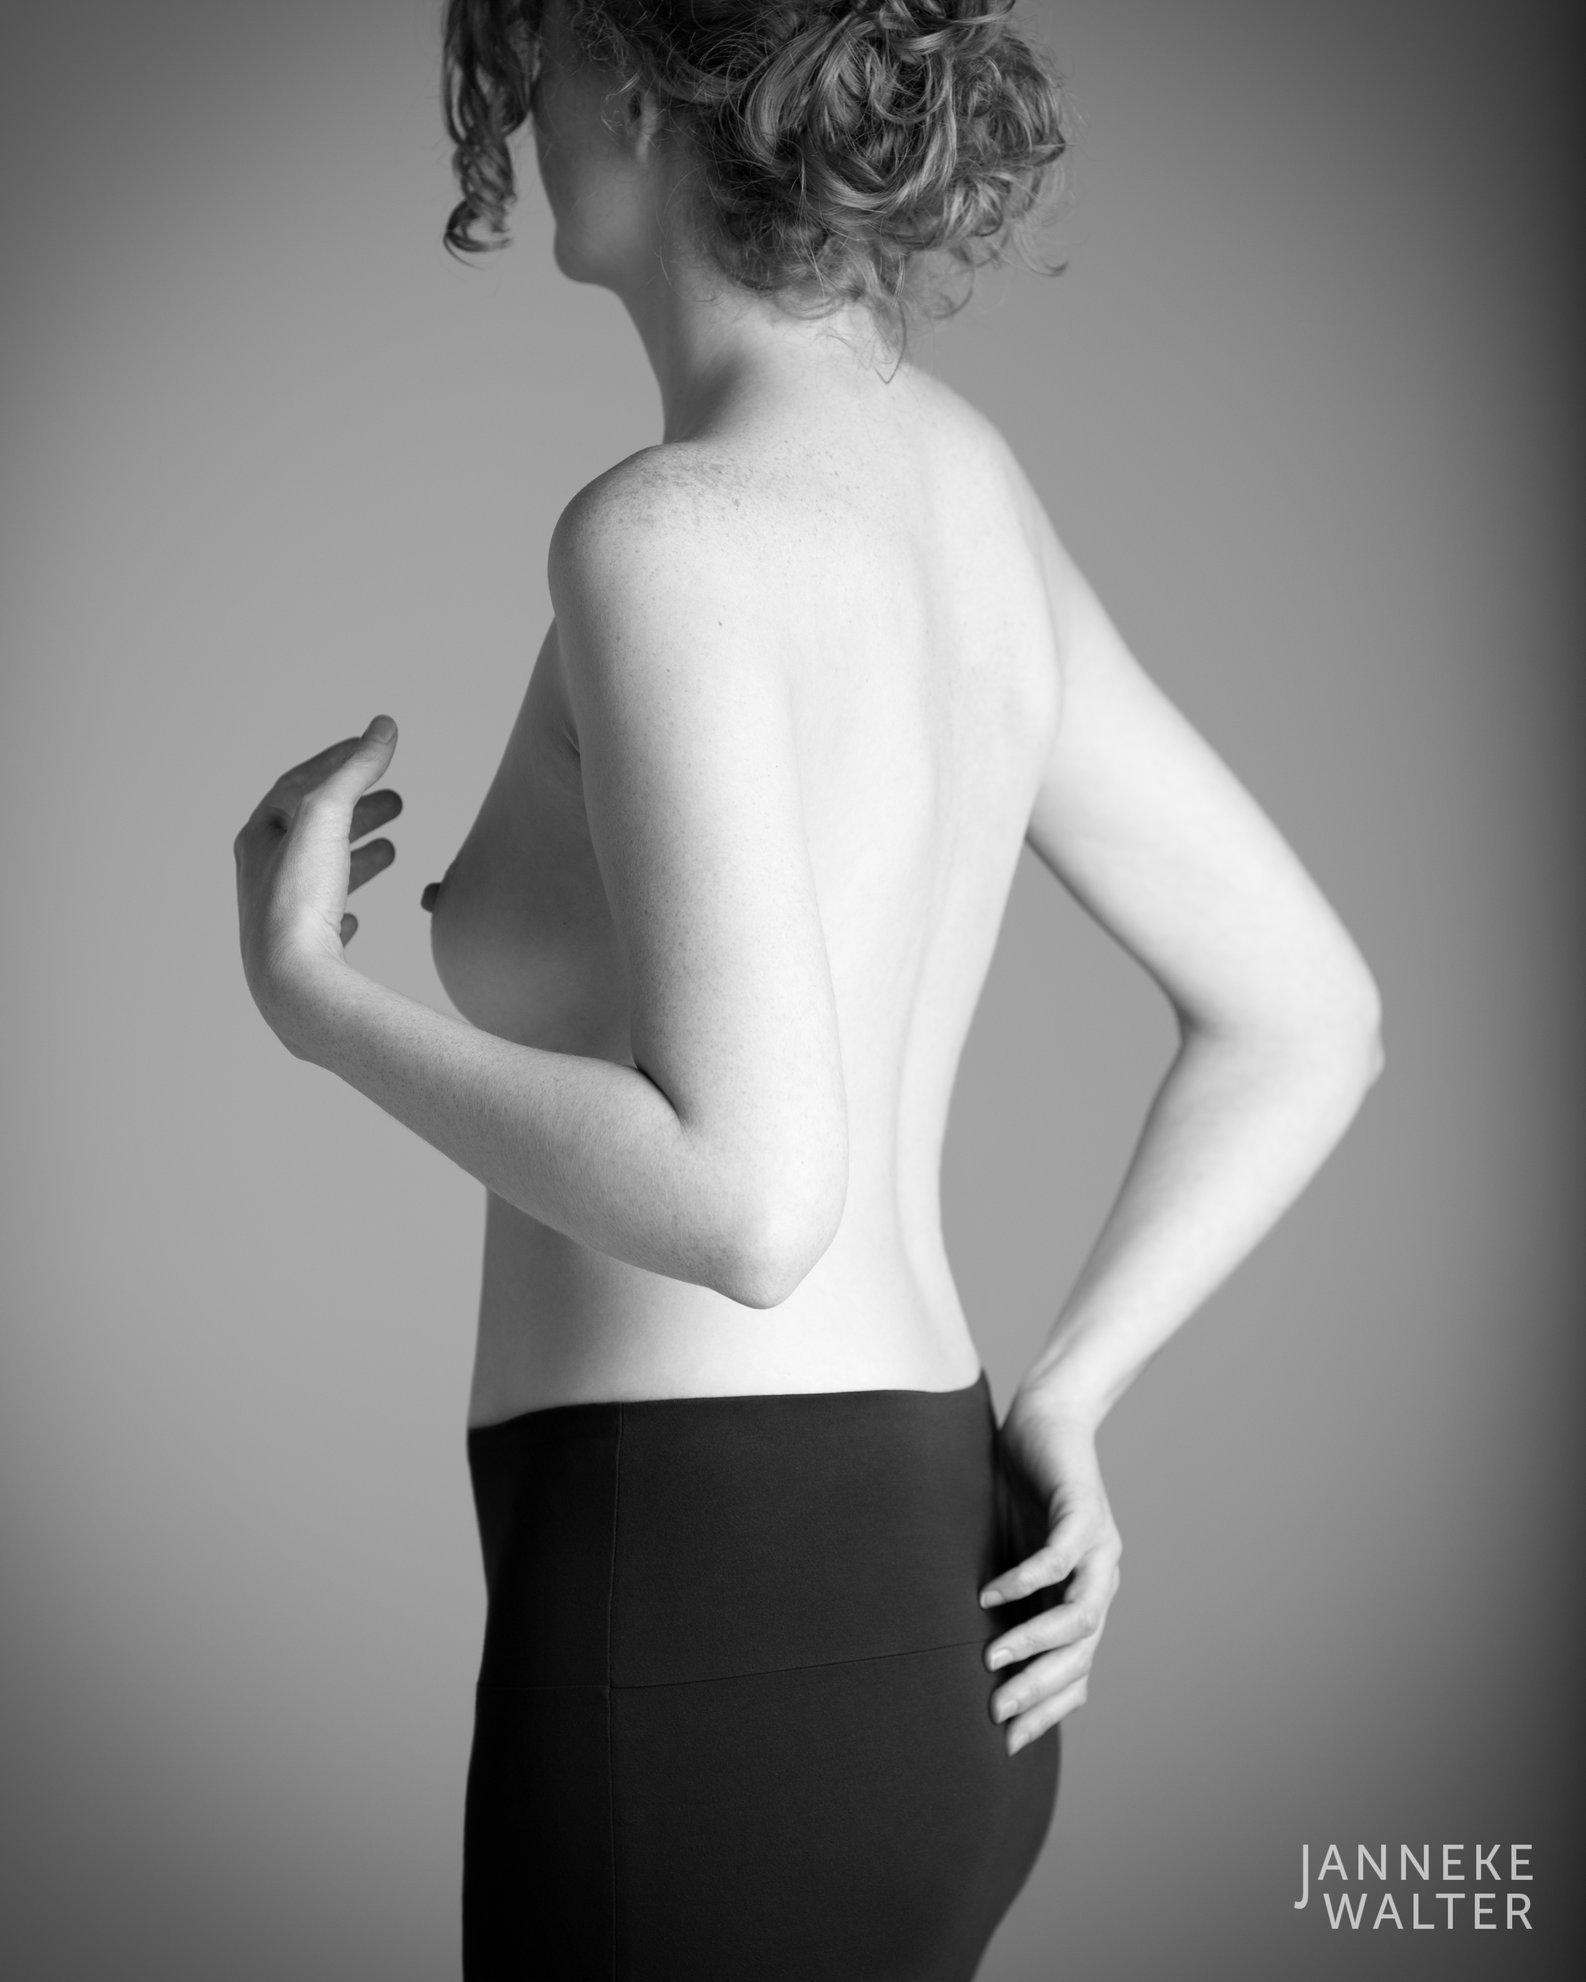 naaktfoto vrouw © Janneke Walter, fotograaf Utrecht De Bilt, esthetische naaktfotografie